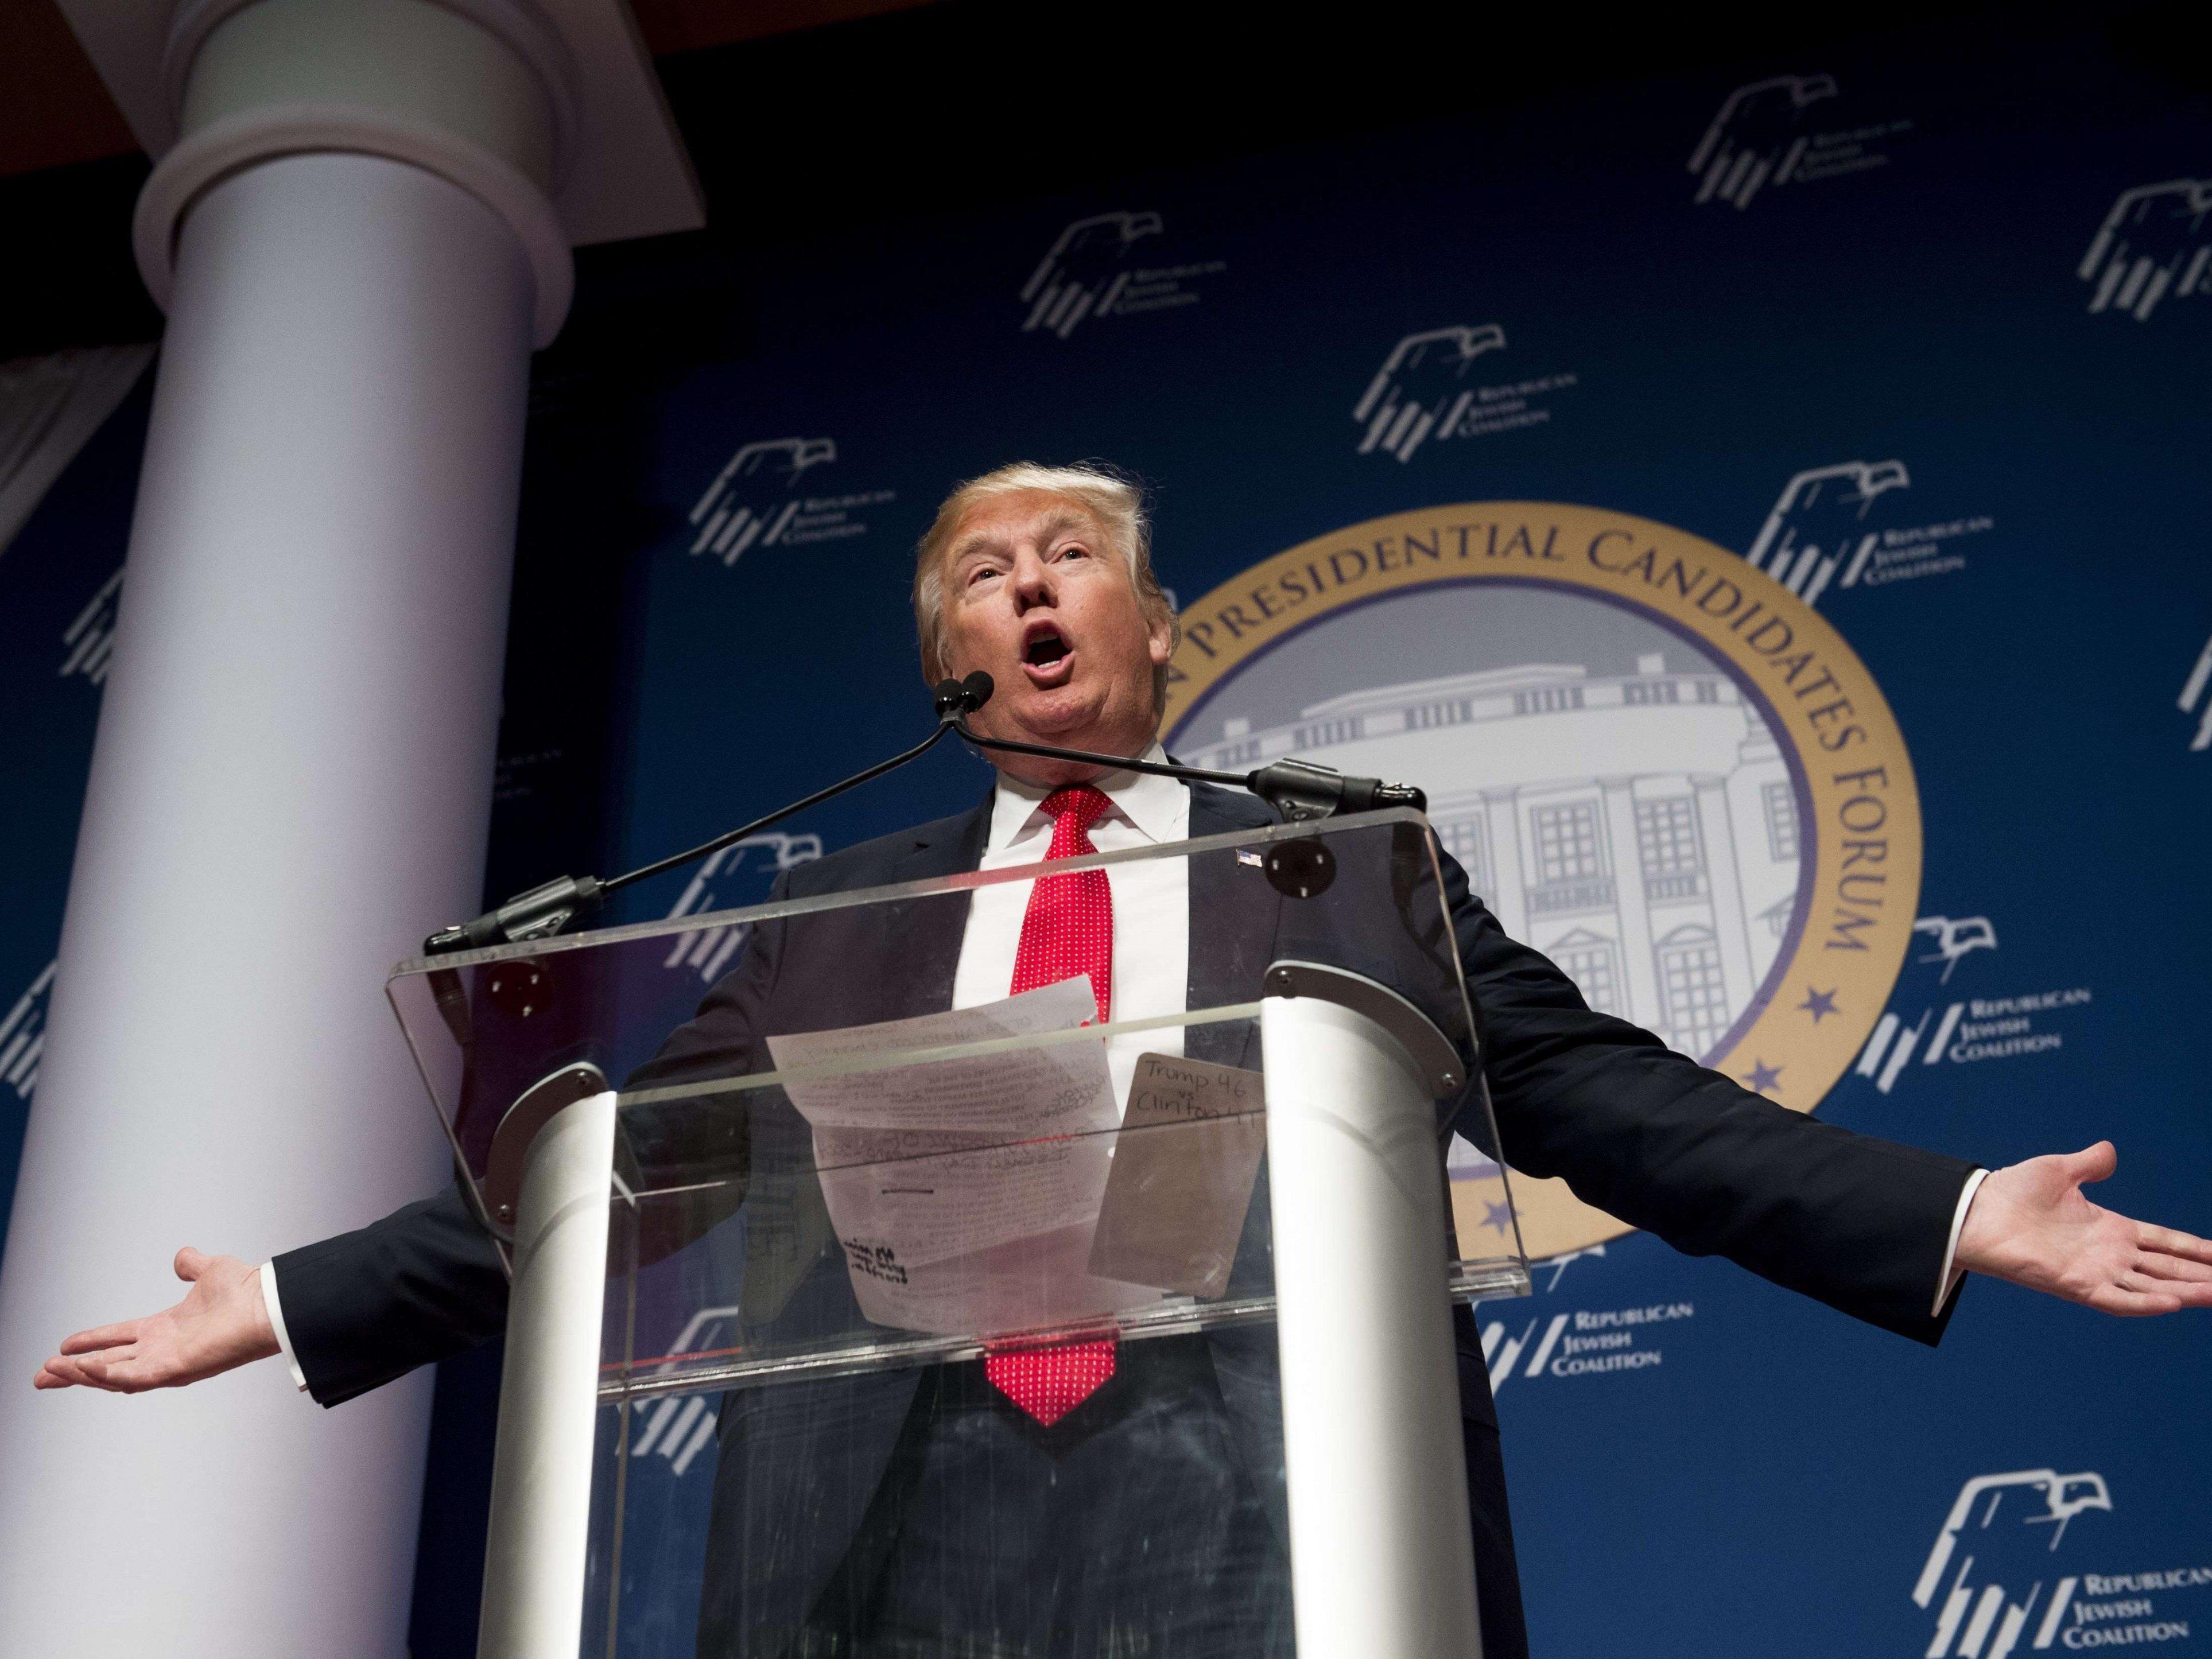 Trump hatte in den vergangenen Wochen wiederholt mit islamfeindlichen Äußerungen für Empörung gesorgt.